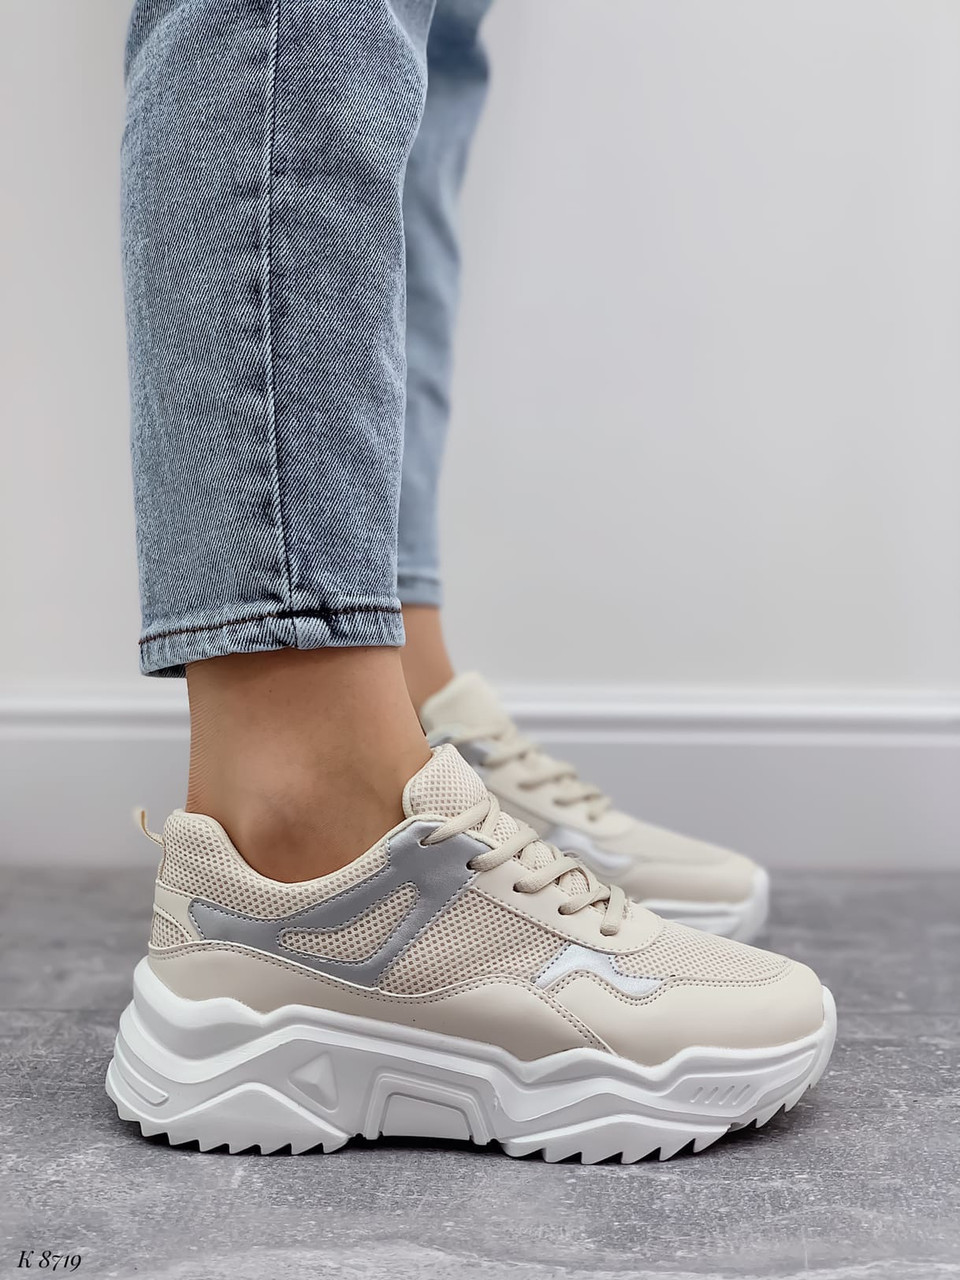 Жіночі кросівки білий/ беж з сріблом еко-шкіра + текстиль